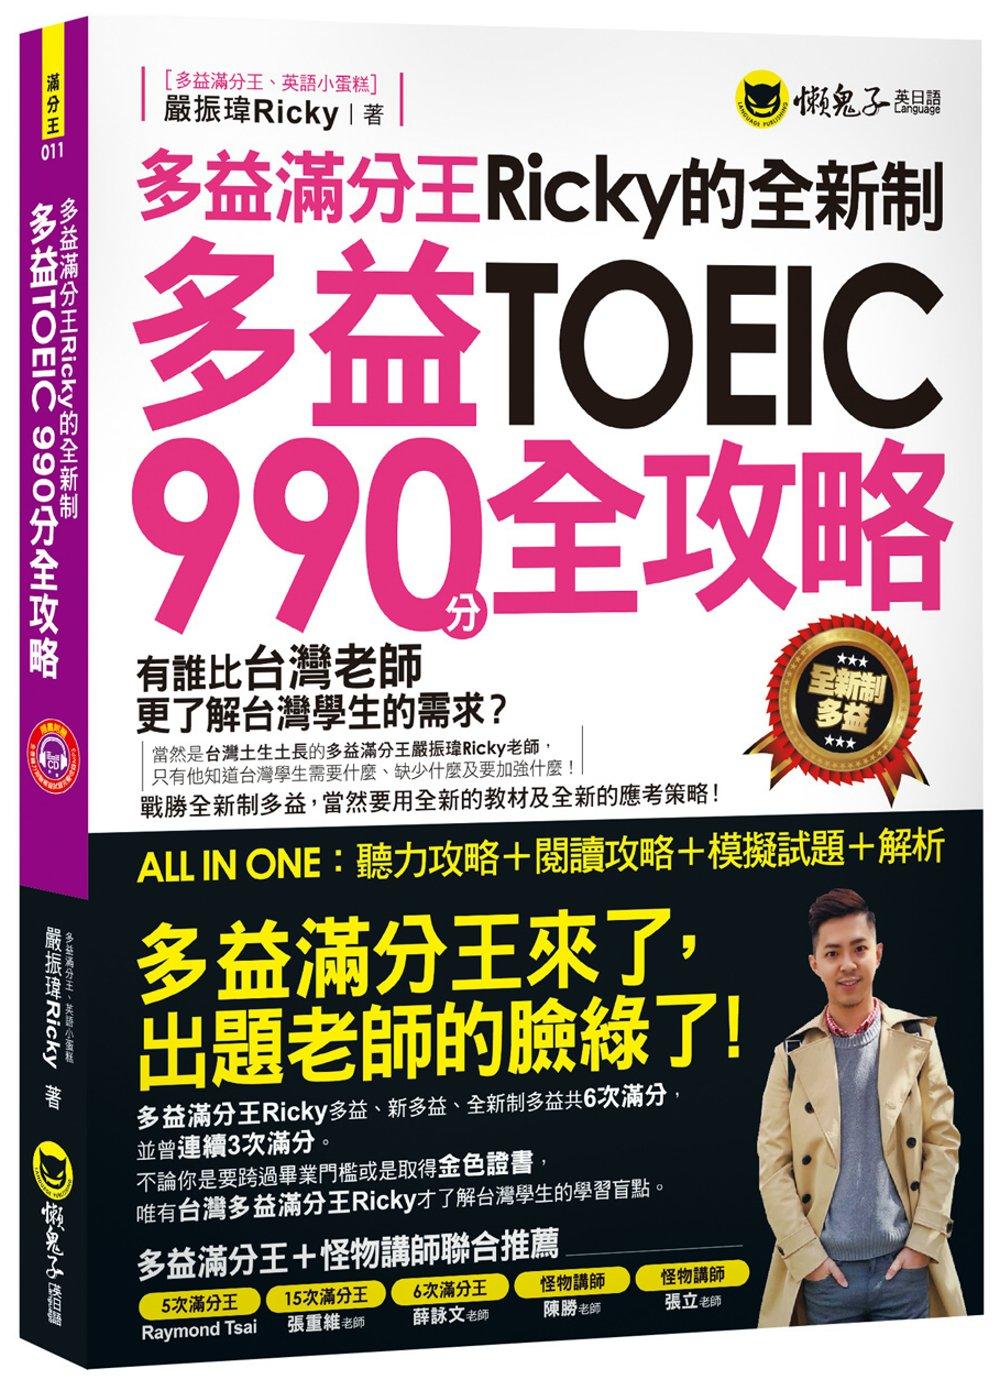 多益滿分王Ricky的全新制多益TOEIC990分全攻略